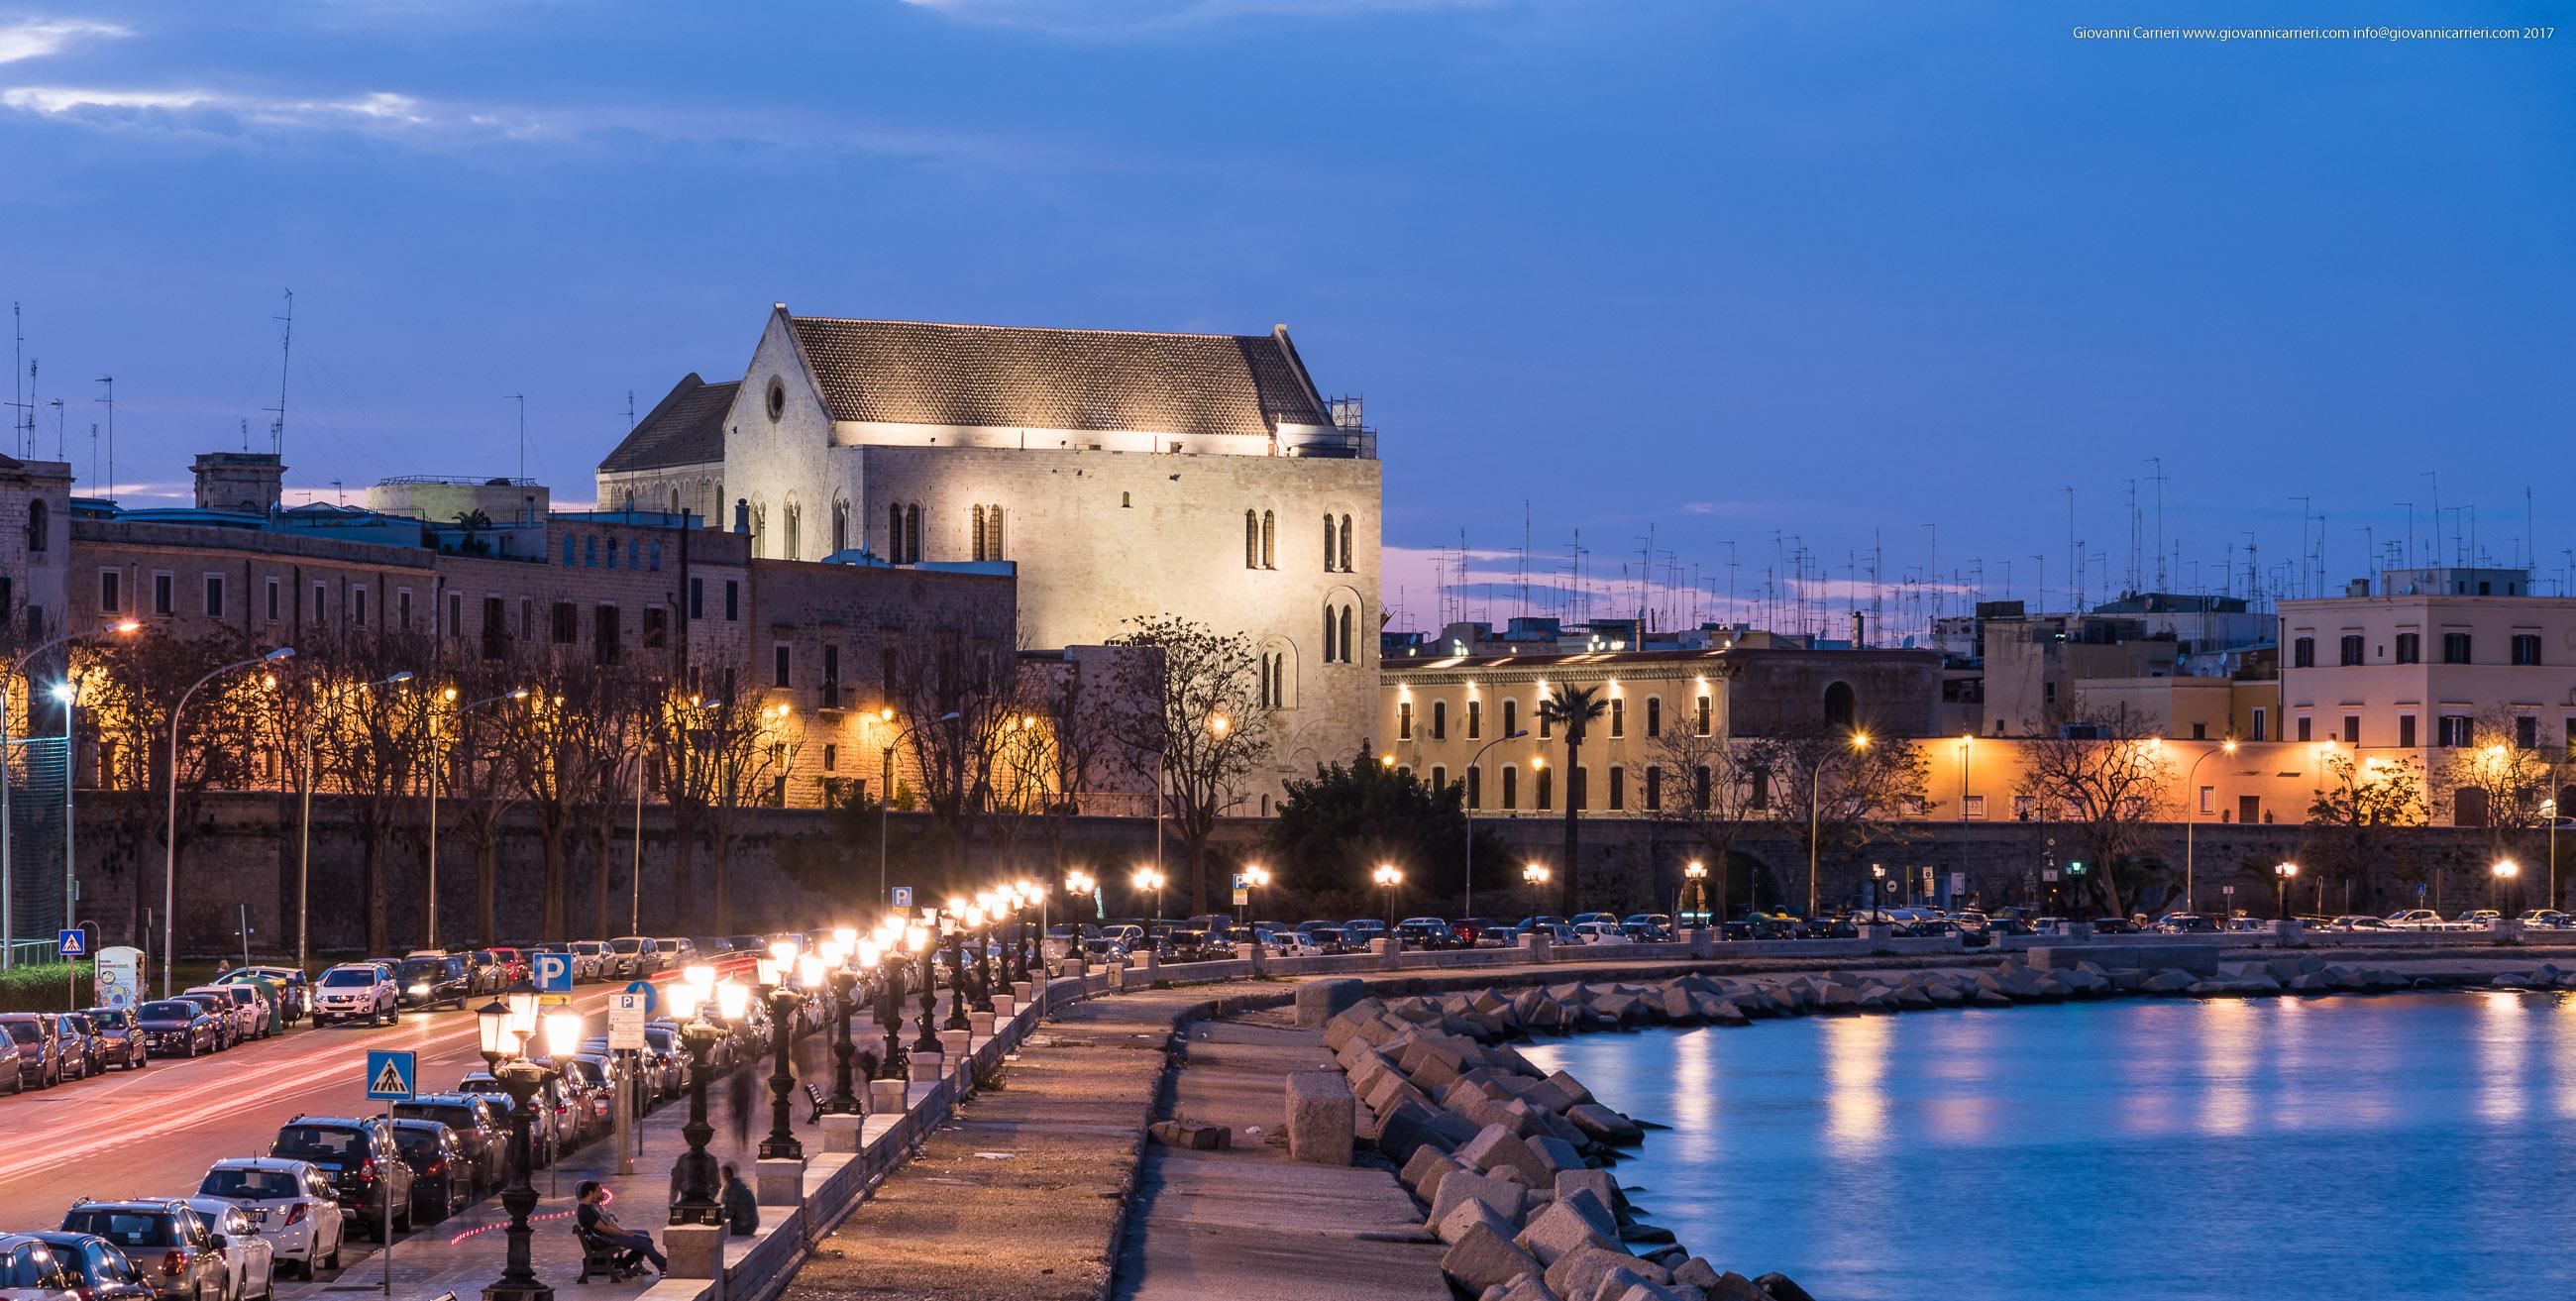 Il lungomare Imperatore Augusto e la muraglia, Bari